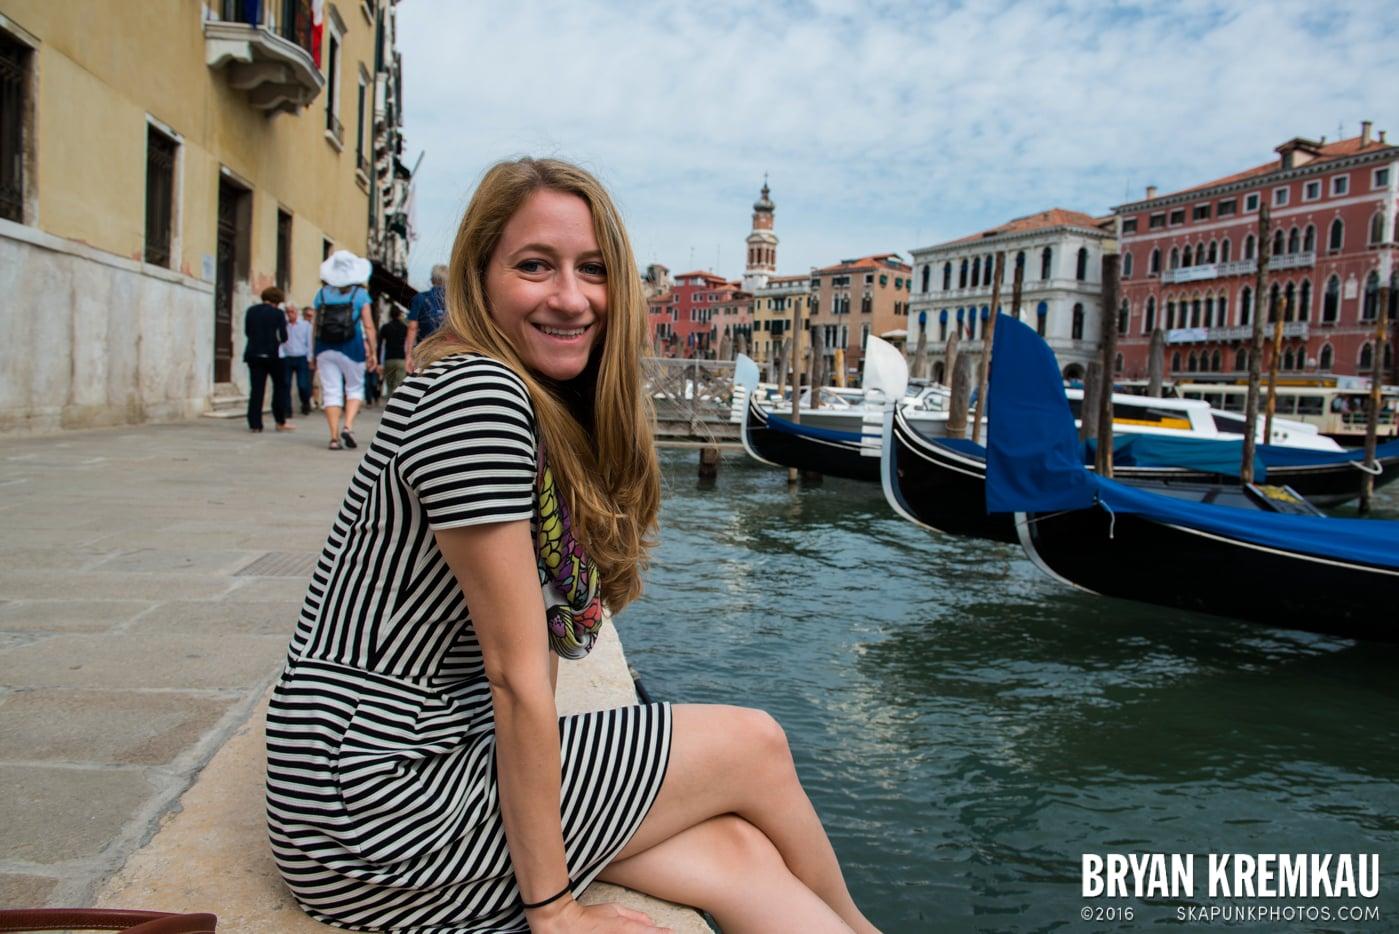 Italy Vacation - Day 5: Venice - 9.13.13 (46)